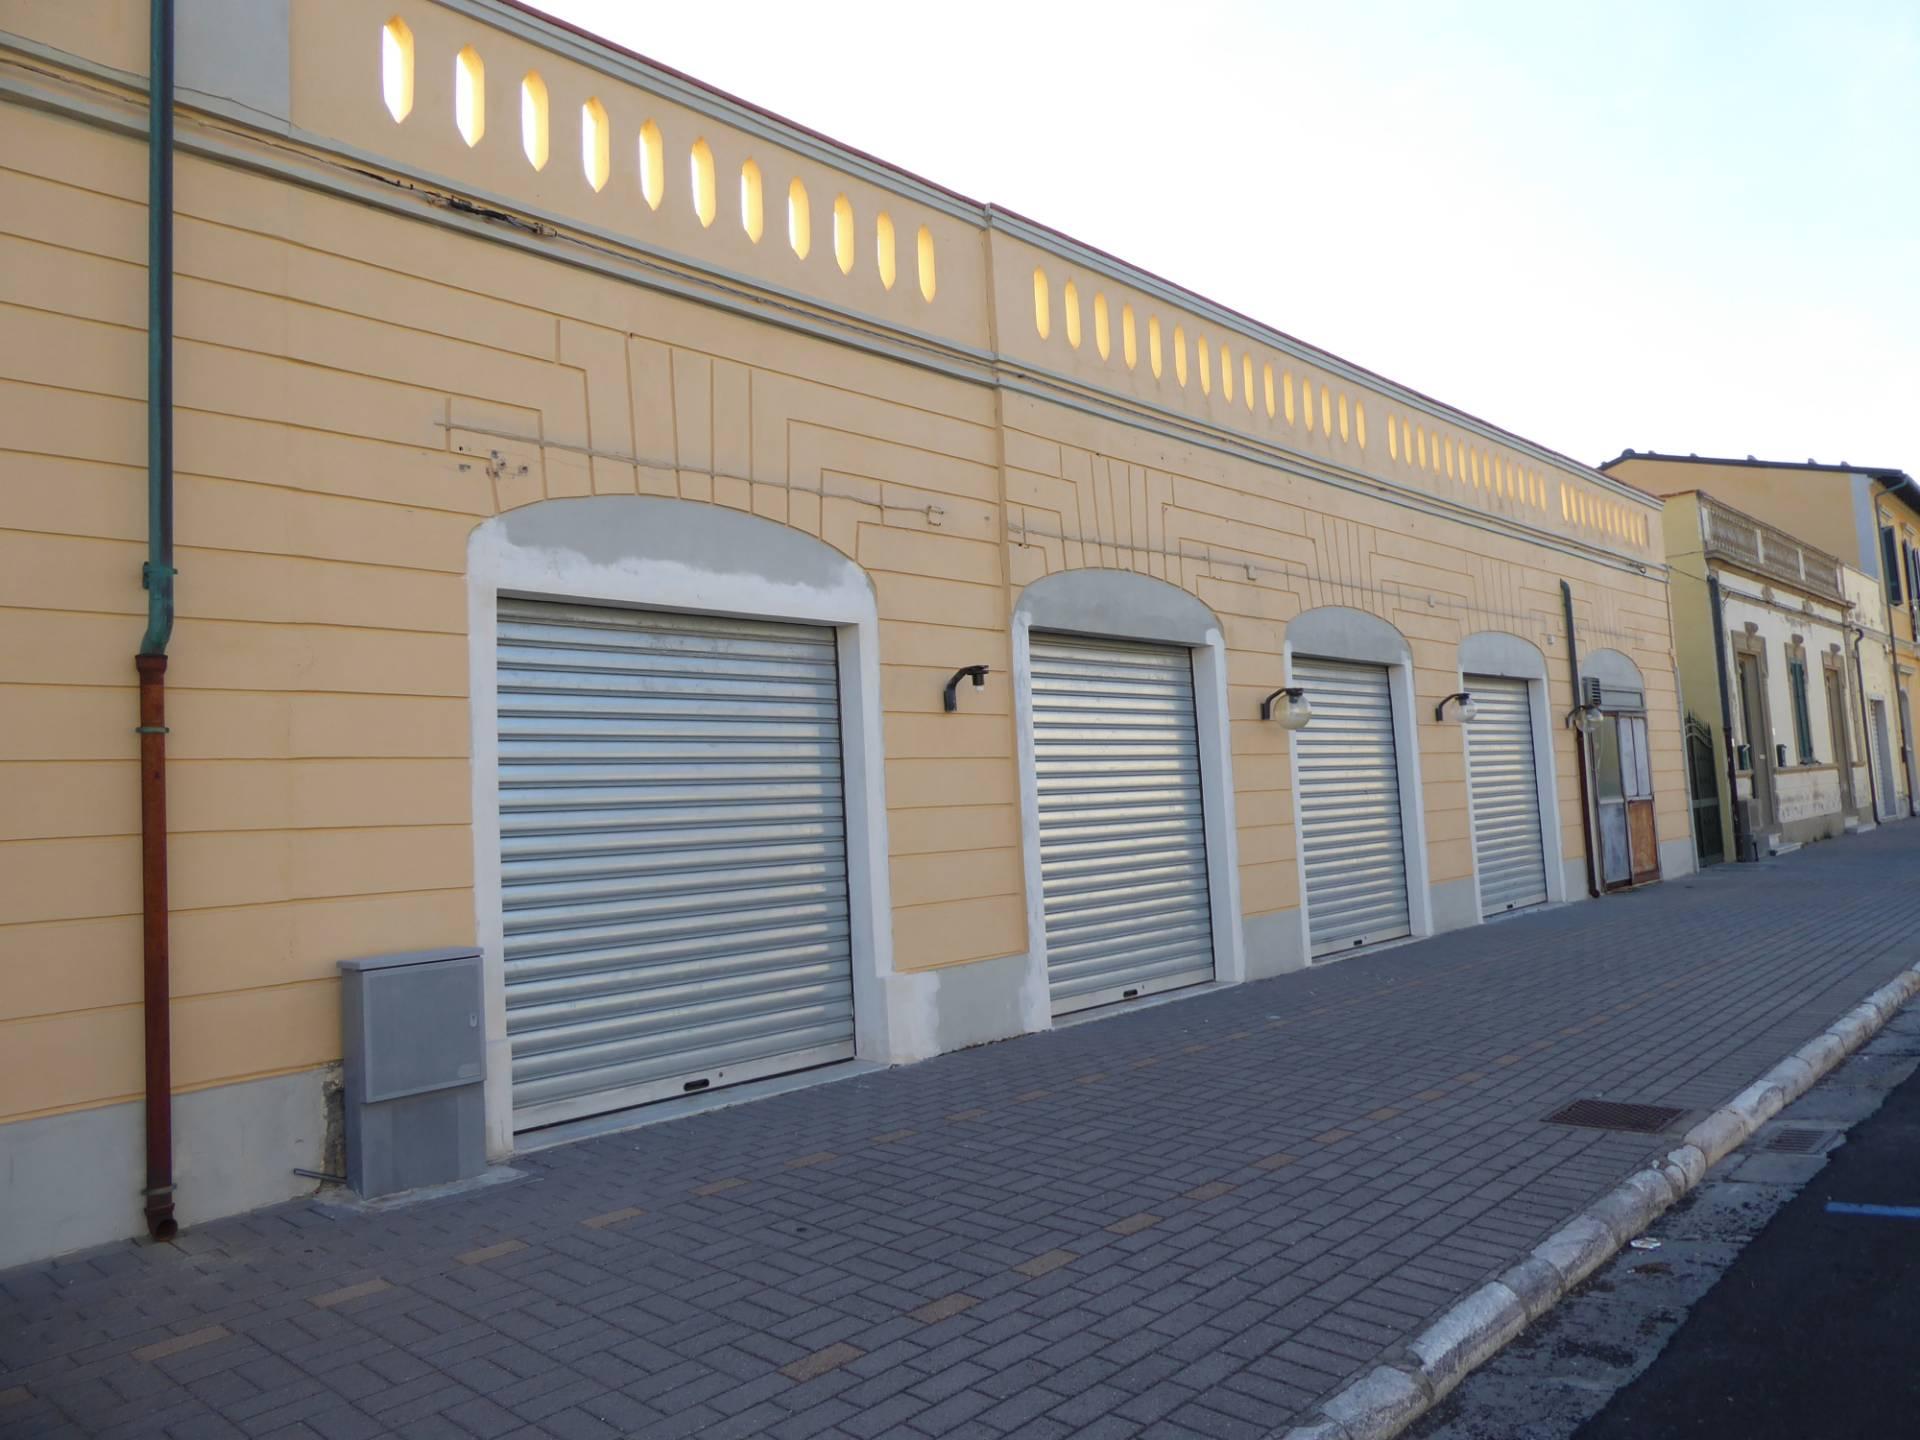 Locale comm.le/Fondo in affitto commerciale a Marina Di Pisa, Pisa